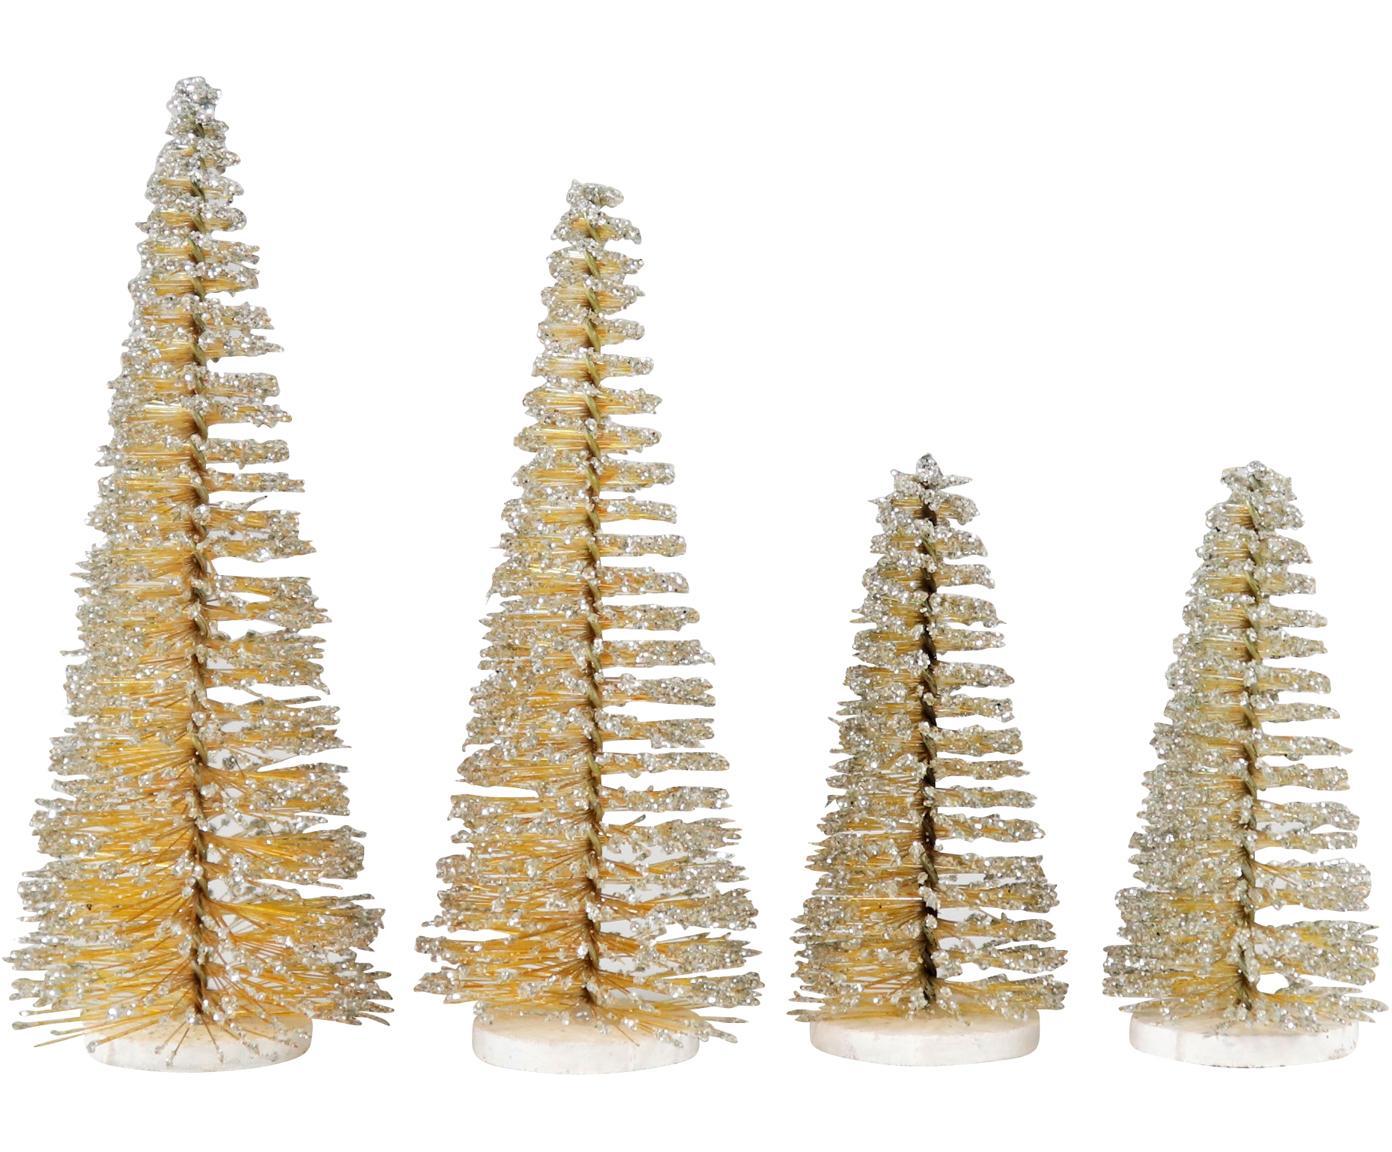 Set de piezas decorativas Glam, 4pzas., Plástico, metal, Dorado, Set de diferentes tamaños